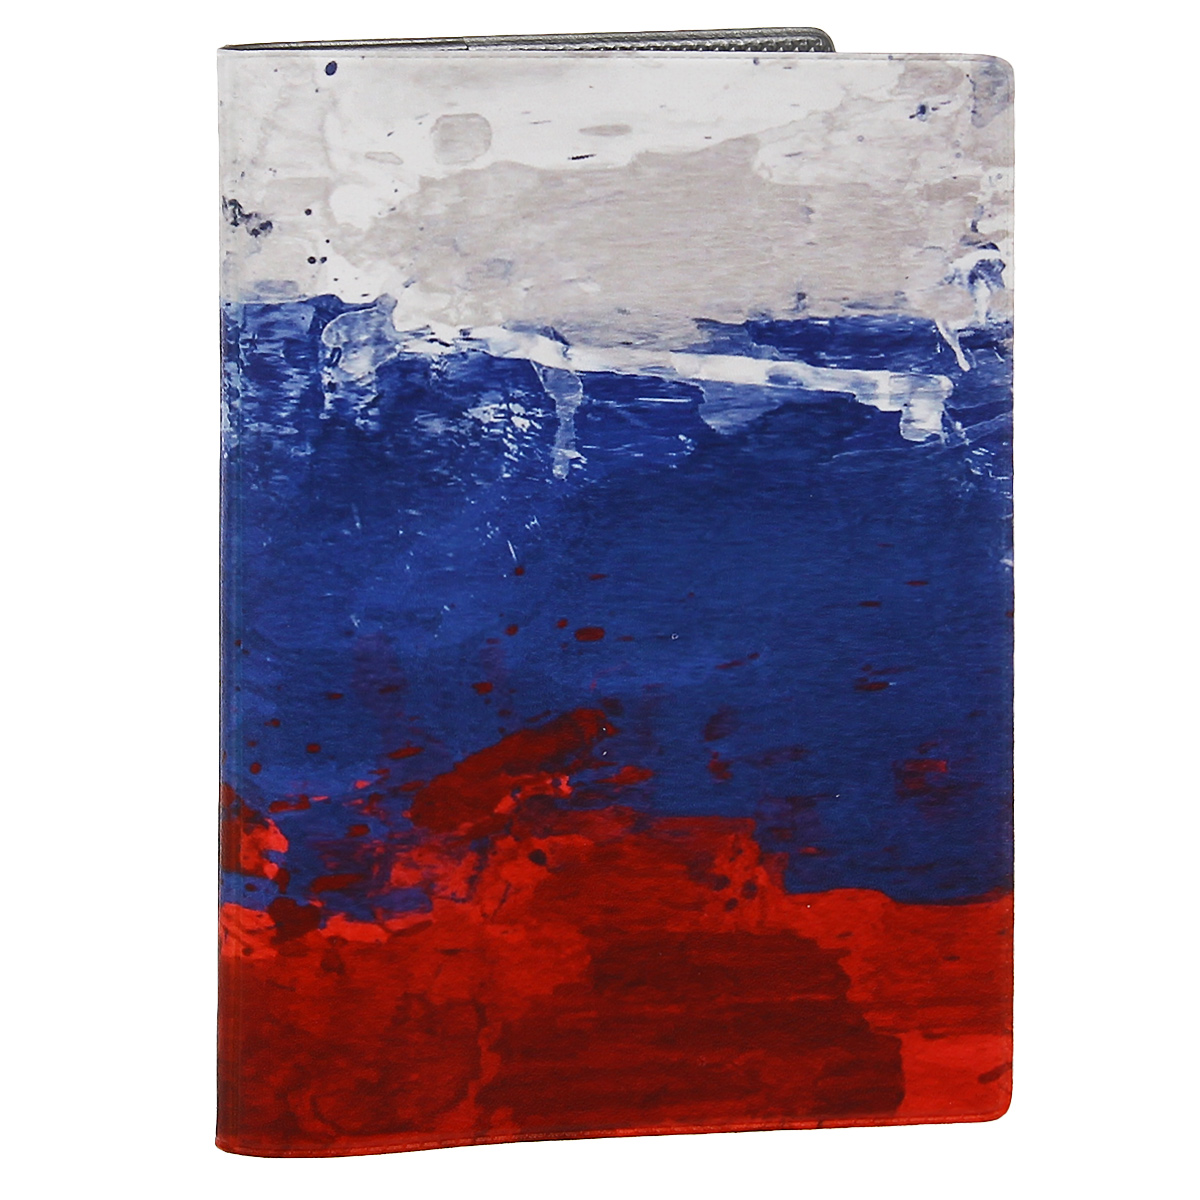 Обложка для автодокументов Флаг Российской Федерации. AUTOZAM293574.041.01 BlackОбложка для автодокументов Mitya Veselkov Флаг Российской Федерации изготовлена из прочного ПВХ и стилизована под нарисованный красками флаг Российской Федерации. На внутреннем развороте имеются съемный блок из шести прозрачных файлов из мягкого пластика для водительских документов, один из которых формата А5, а также два боковых кармашка для визиток или банковских карт.Стильная обложка не только поможет сохранить внешний вид ваших документов и защитит их от грязи и пыли, но и станет аксессуаром, который подчеркнет вашу яркую индивидуальность.